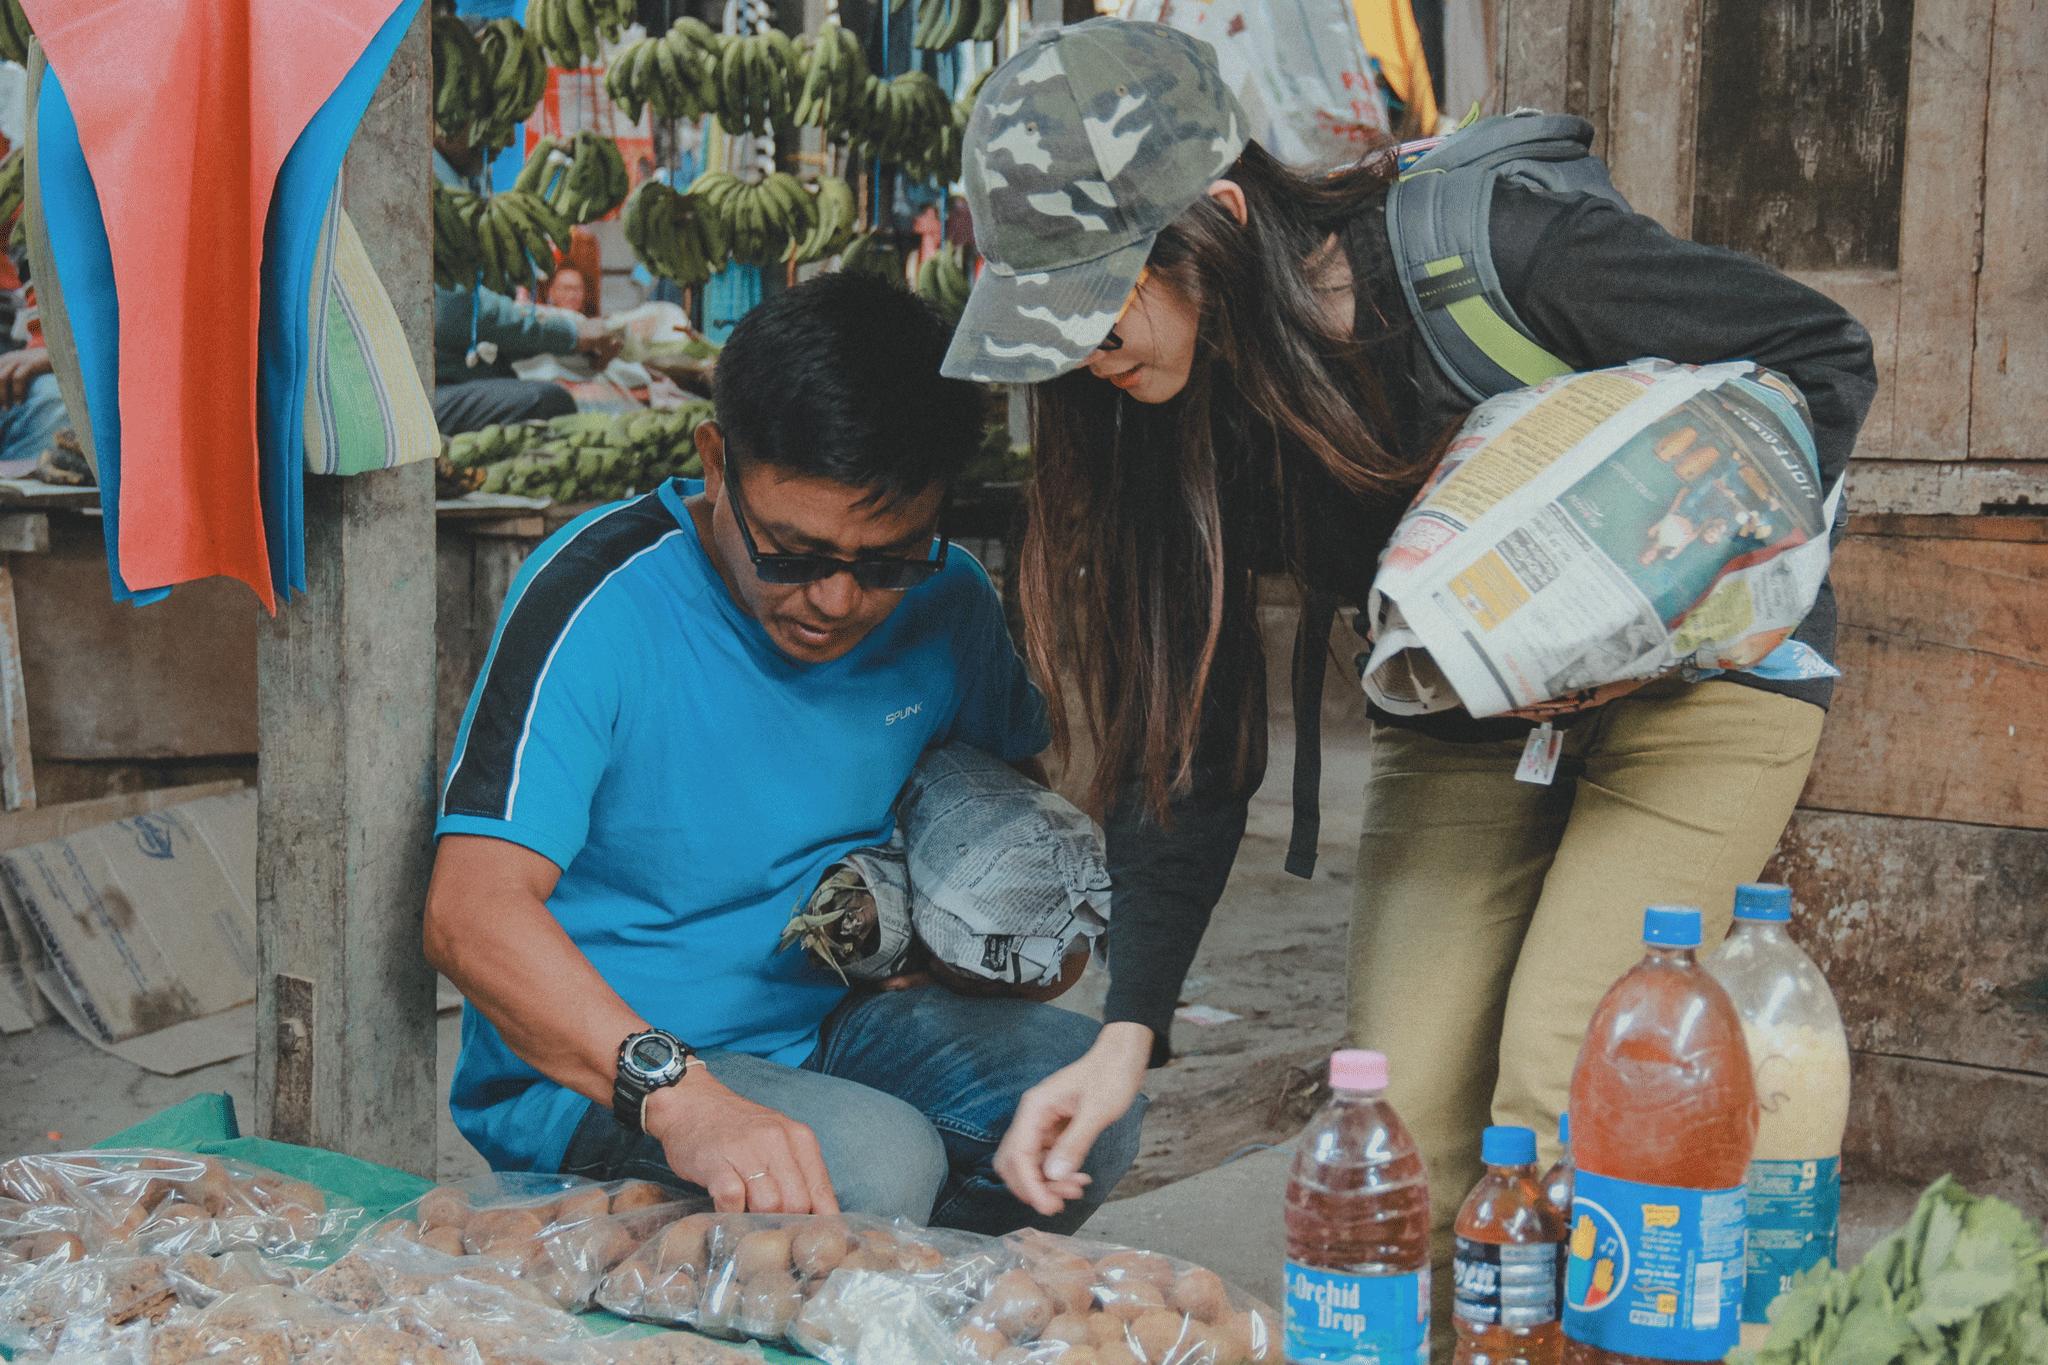 Ảnh: Anh Ninh chụp lúc tui và Michi Tajo cùng đi chợ mua đồ về nấu ăn cho cả nhóm tại nhà của Michi Tajo. À tấm hình này thặc diệu kỳ, vì tóc đã che mất vẻ vuông vắn của khuôn mặt tui, làm lên ảnh nhìn rất chi là trái xoan. :)))